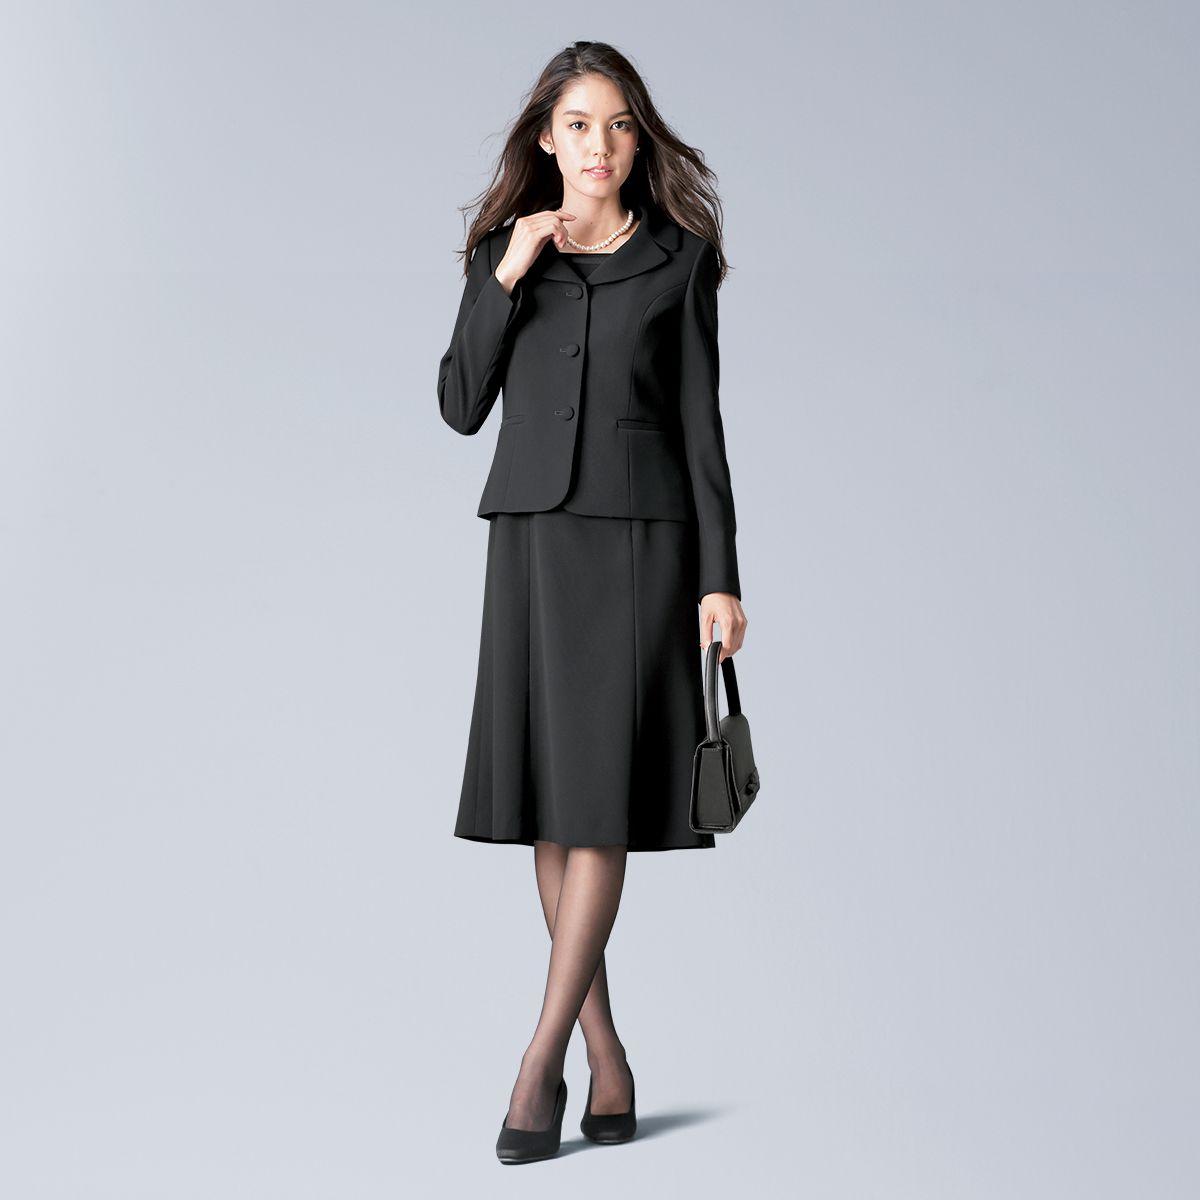 954879c23387f 日本製生地テーラードジャケットアンサンブル(胸当て付ジャケット+5分袖ワンピース) 通販